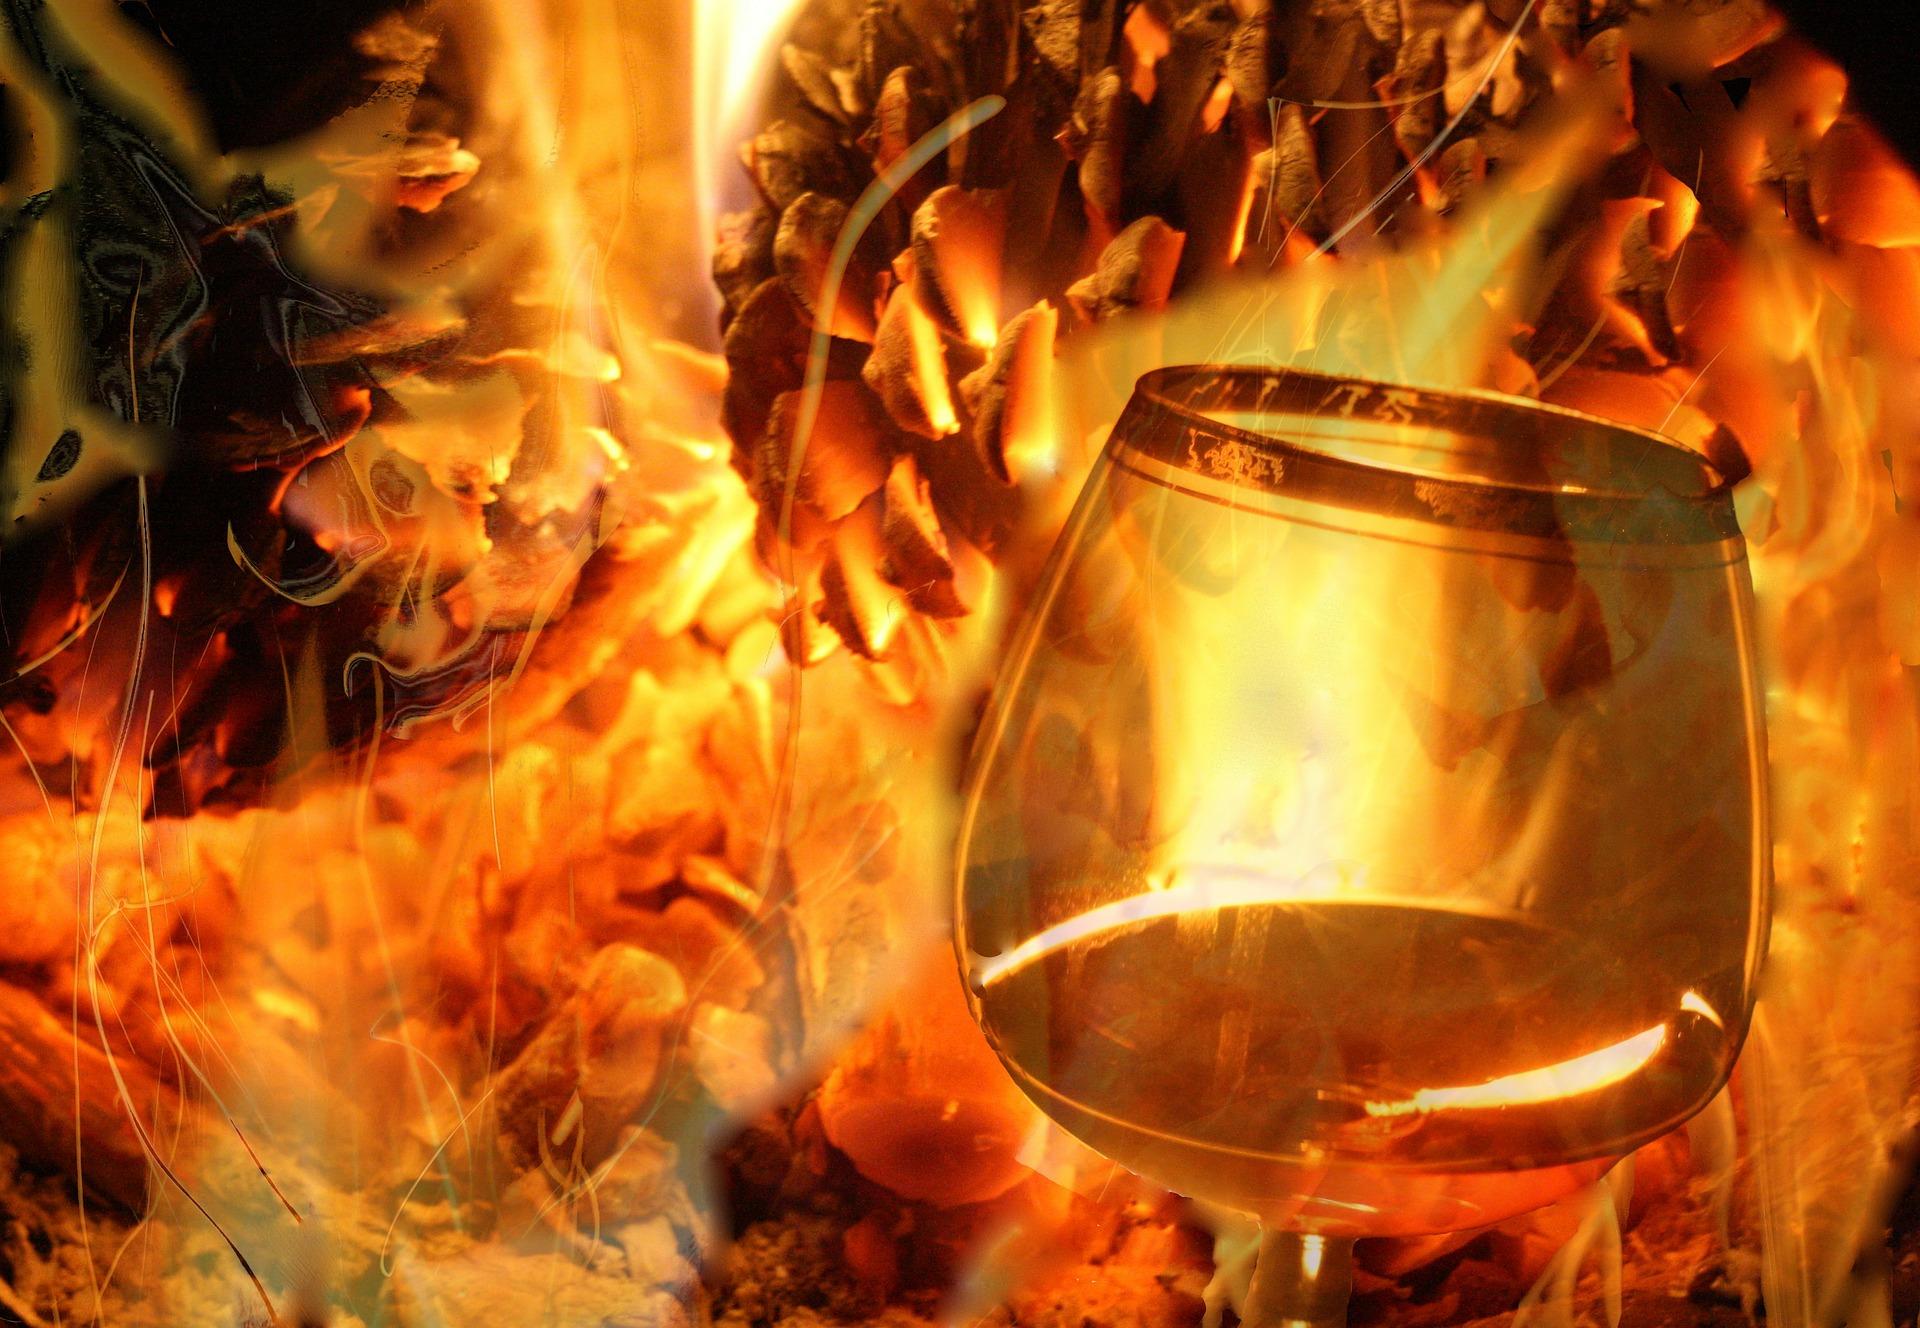 Záhadná smrt italské šlechtičny: Vzplála na ní brandy, kterou se kropila?